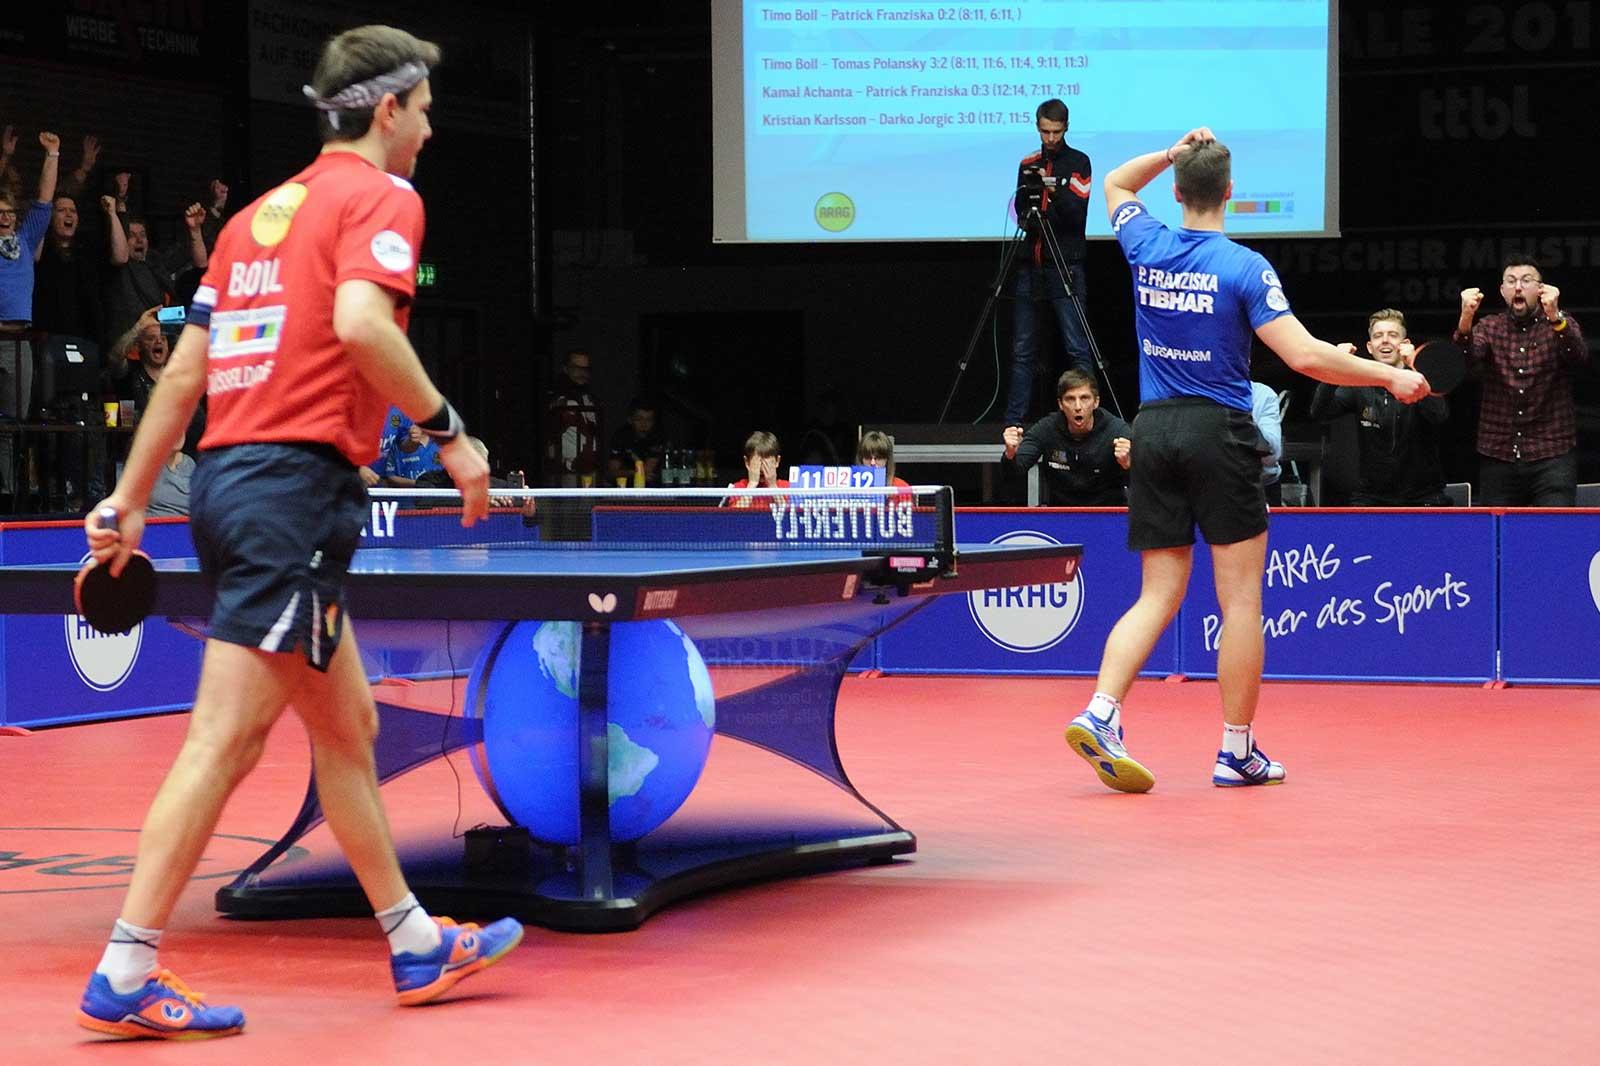 Play-Off Halbfinale Düsseldorf - Saarbrücken - Sieg gegen Timo Boll (Foto: Matthias Ernst)